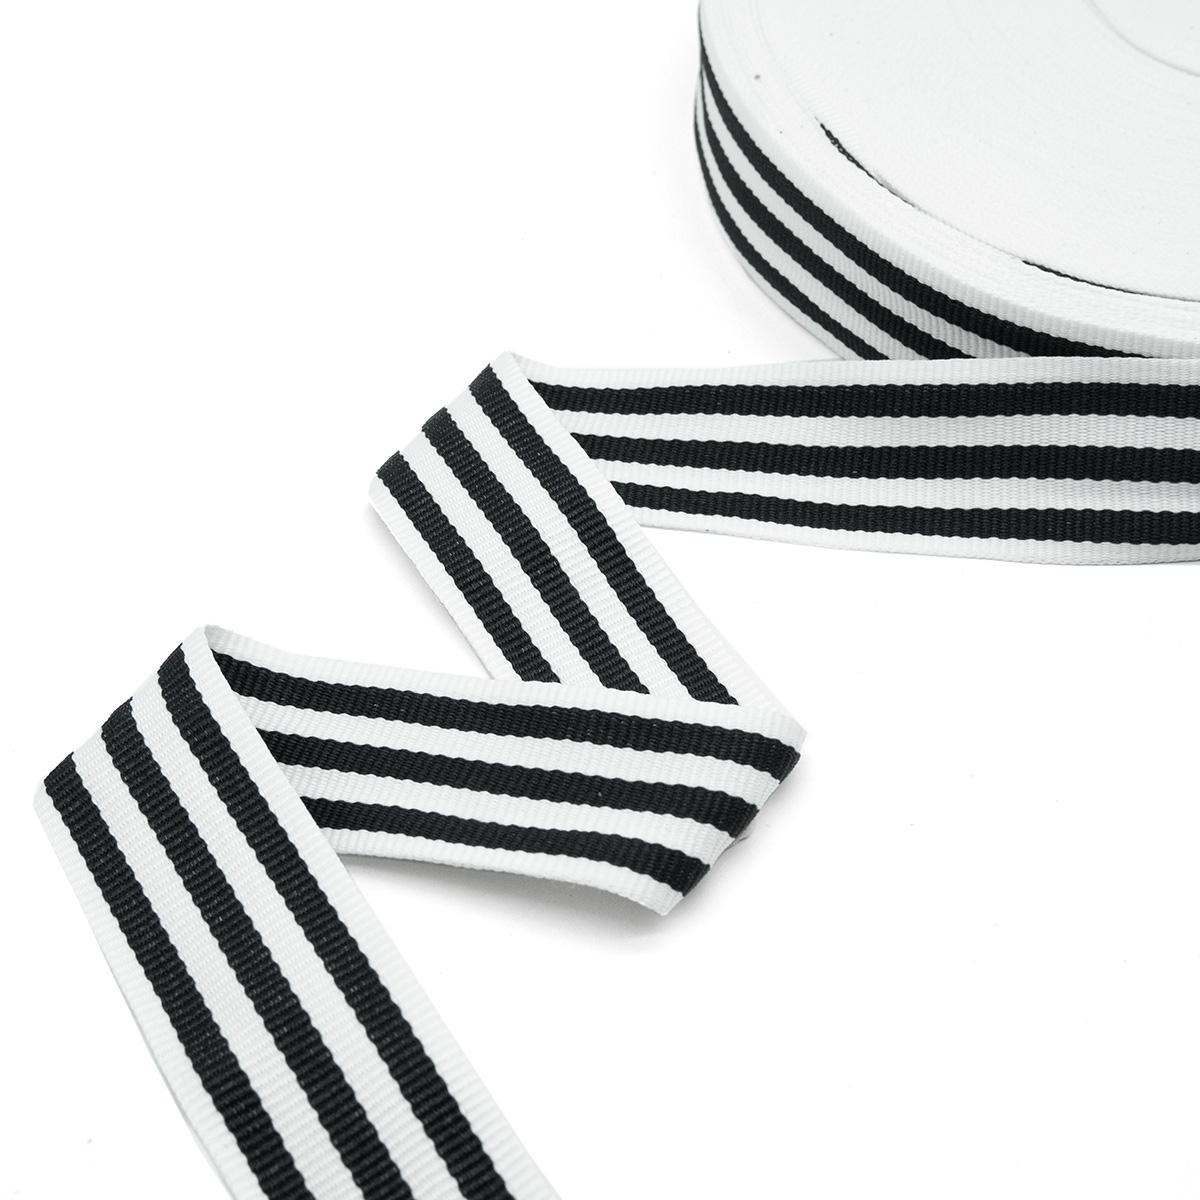 р90133 Лента отделочная бел/черн 30мм*50м